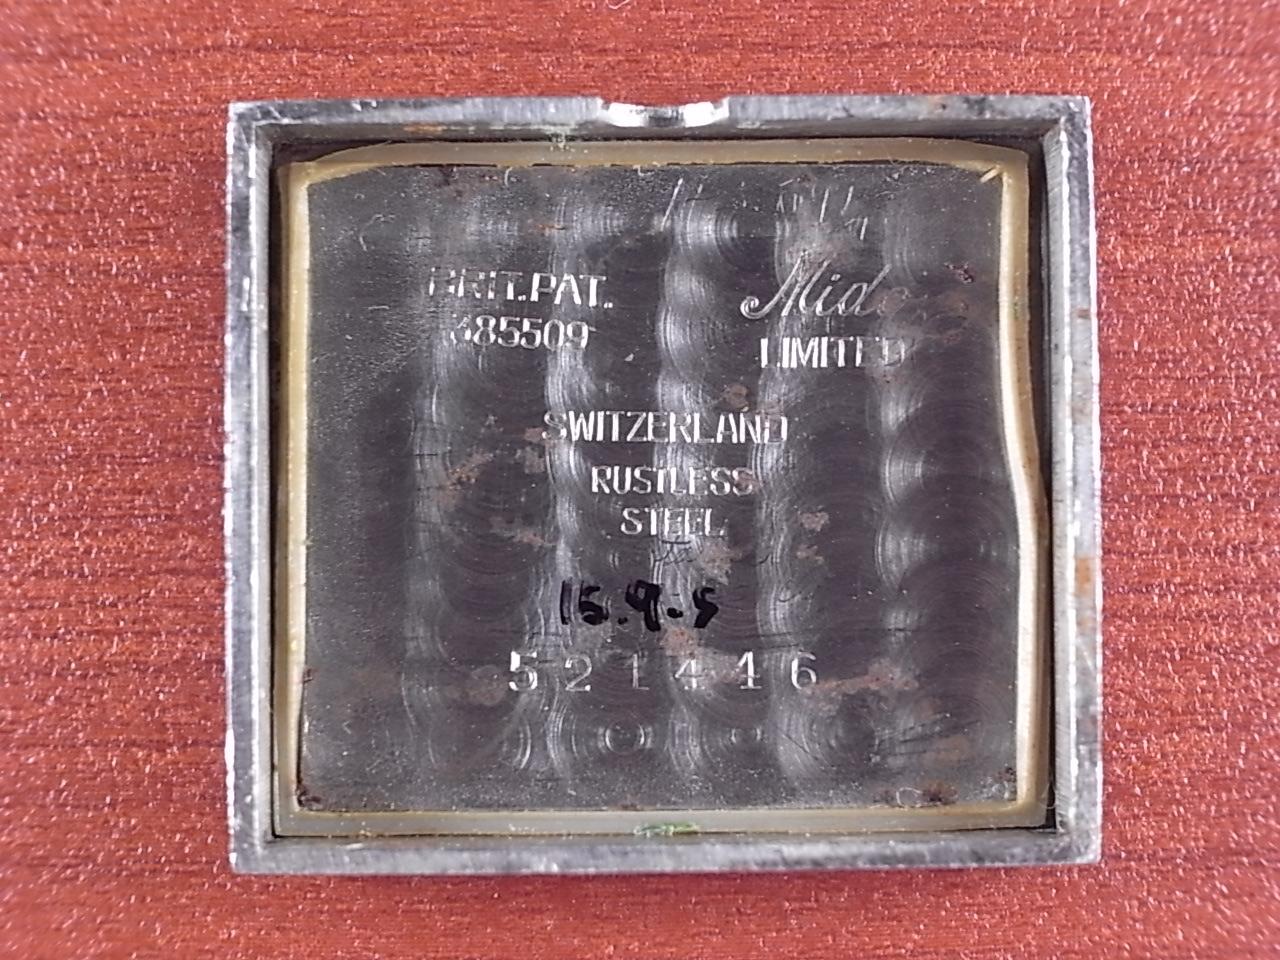 ミドー レクタンギュラ― 角型防水ケース グレーダイアル 1940年代の写真6枚目